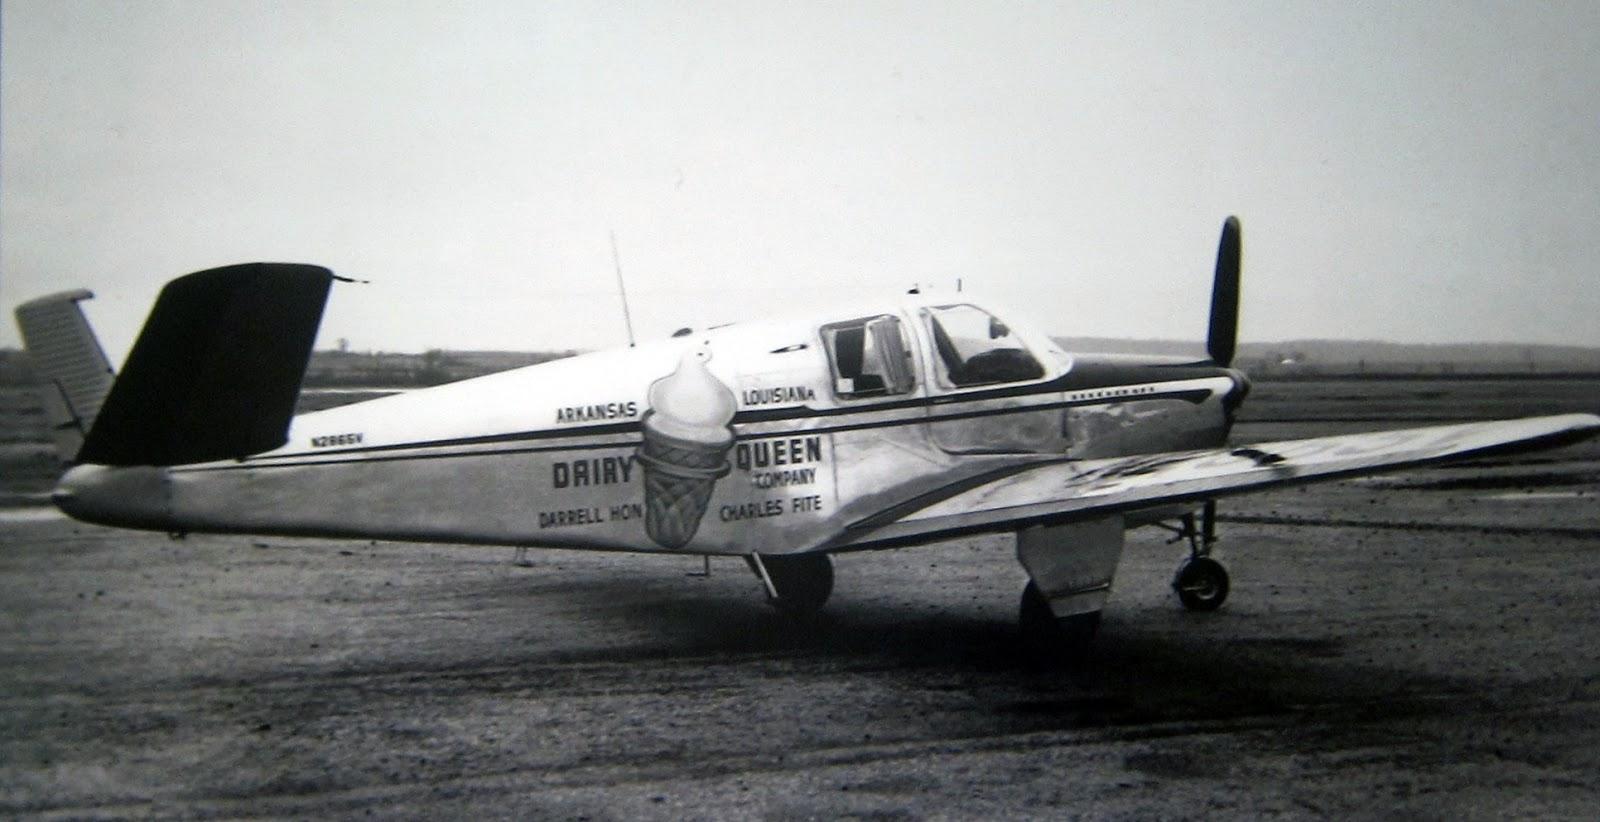 transpress nz: Beechcraft Bonanza aircraft of Dairy Queen, 1950s